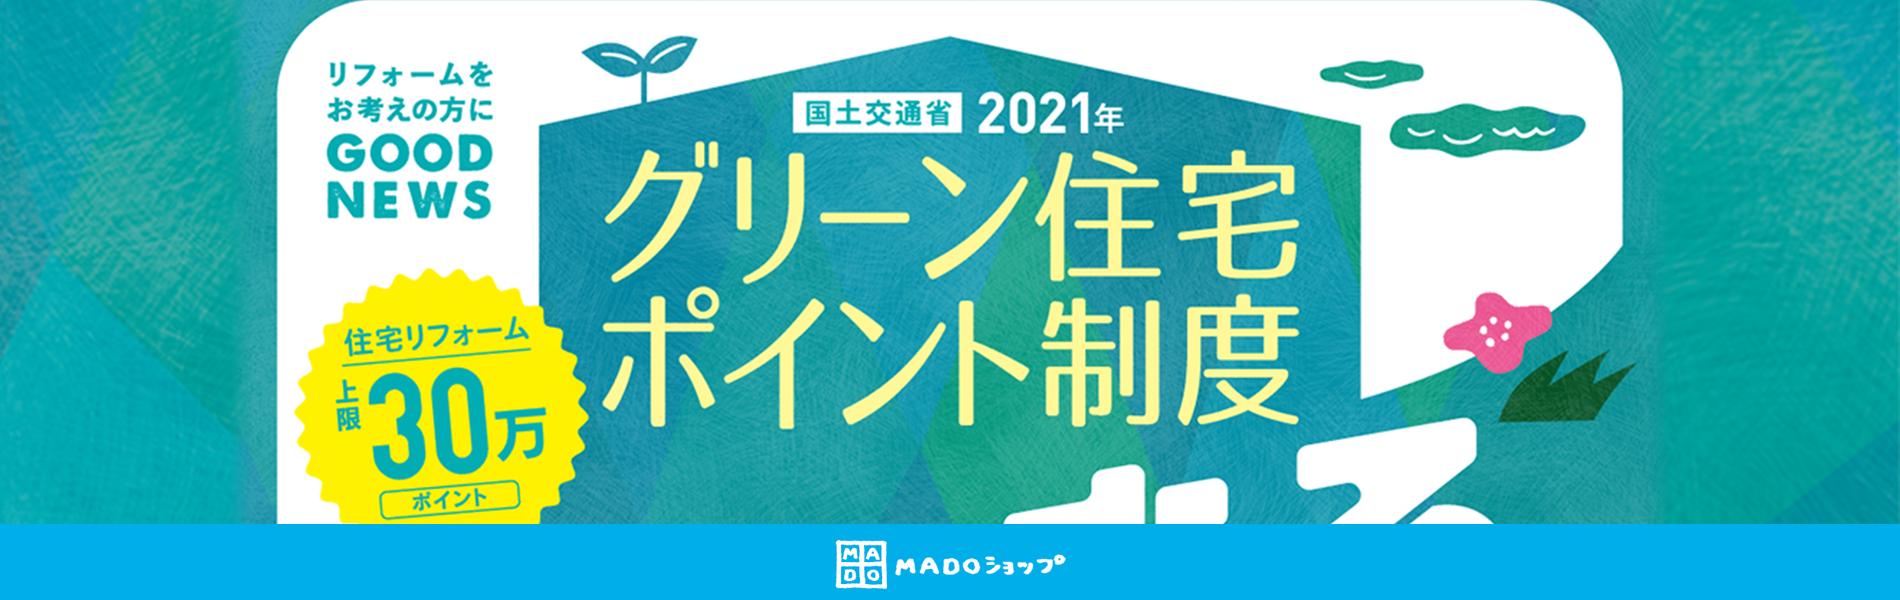 グリーン住宅ポイント制度2021